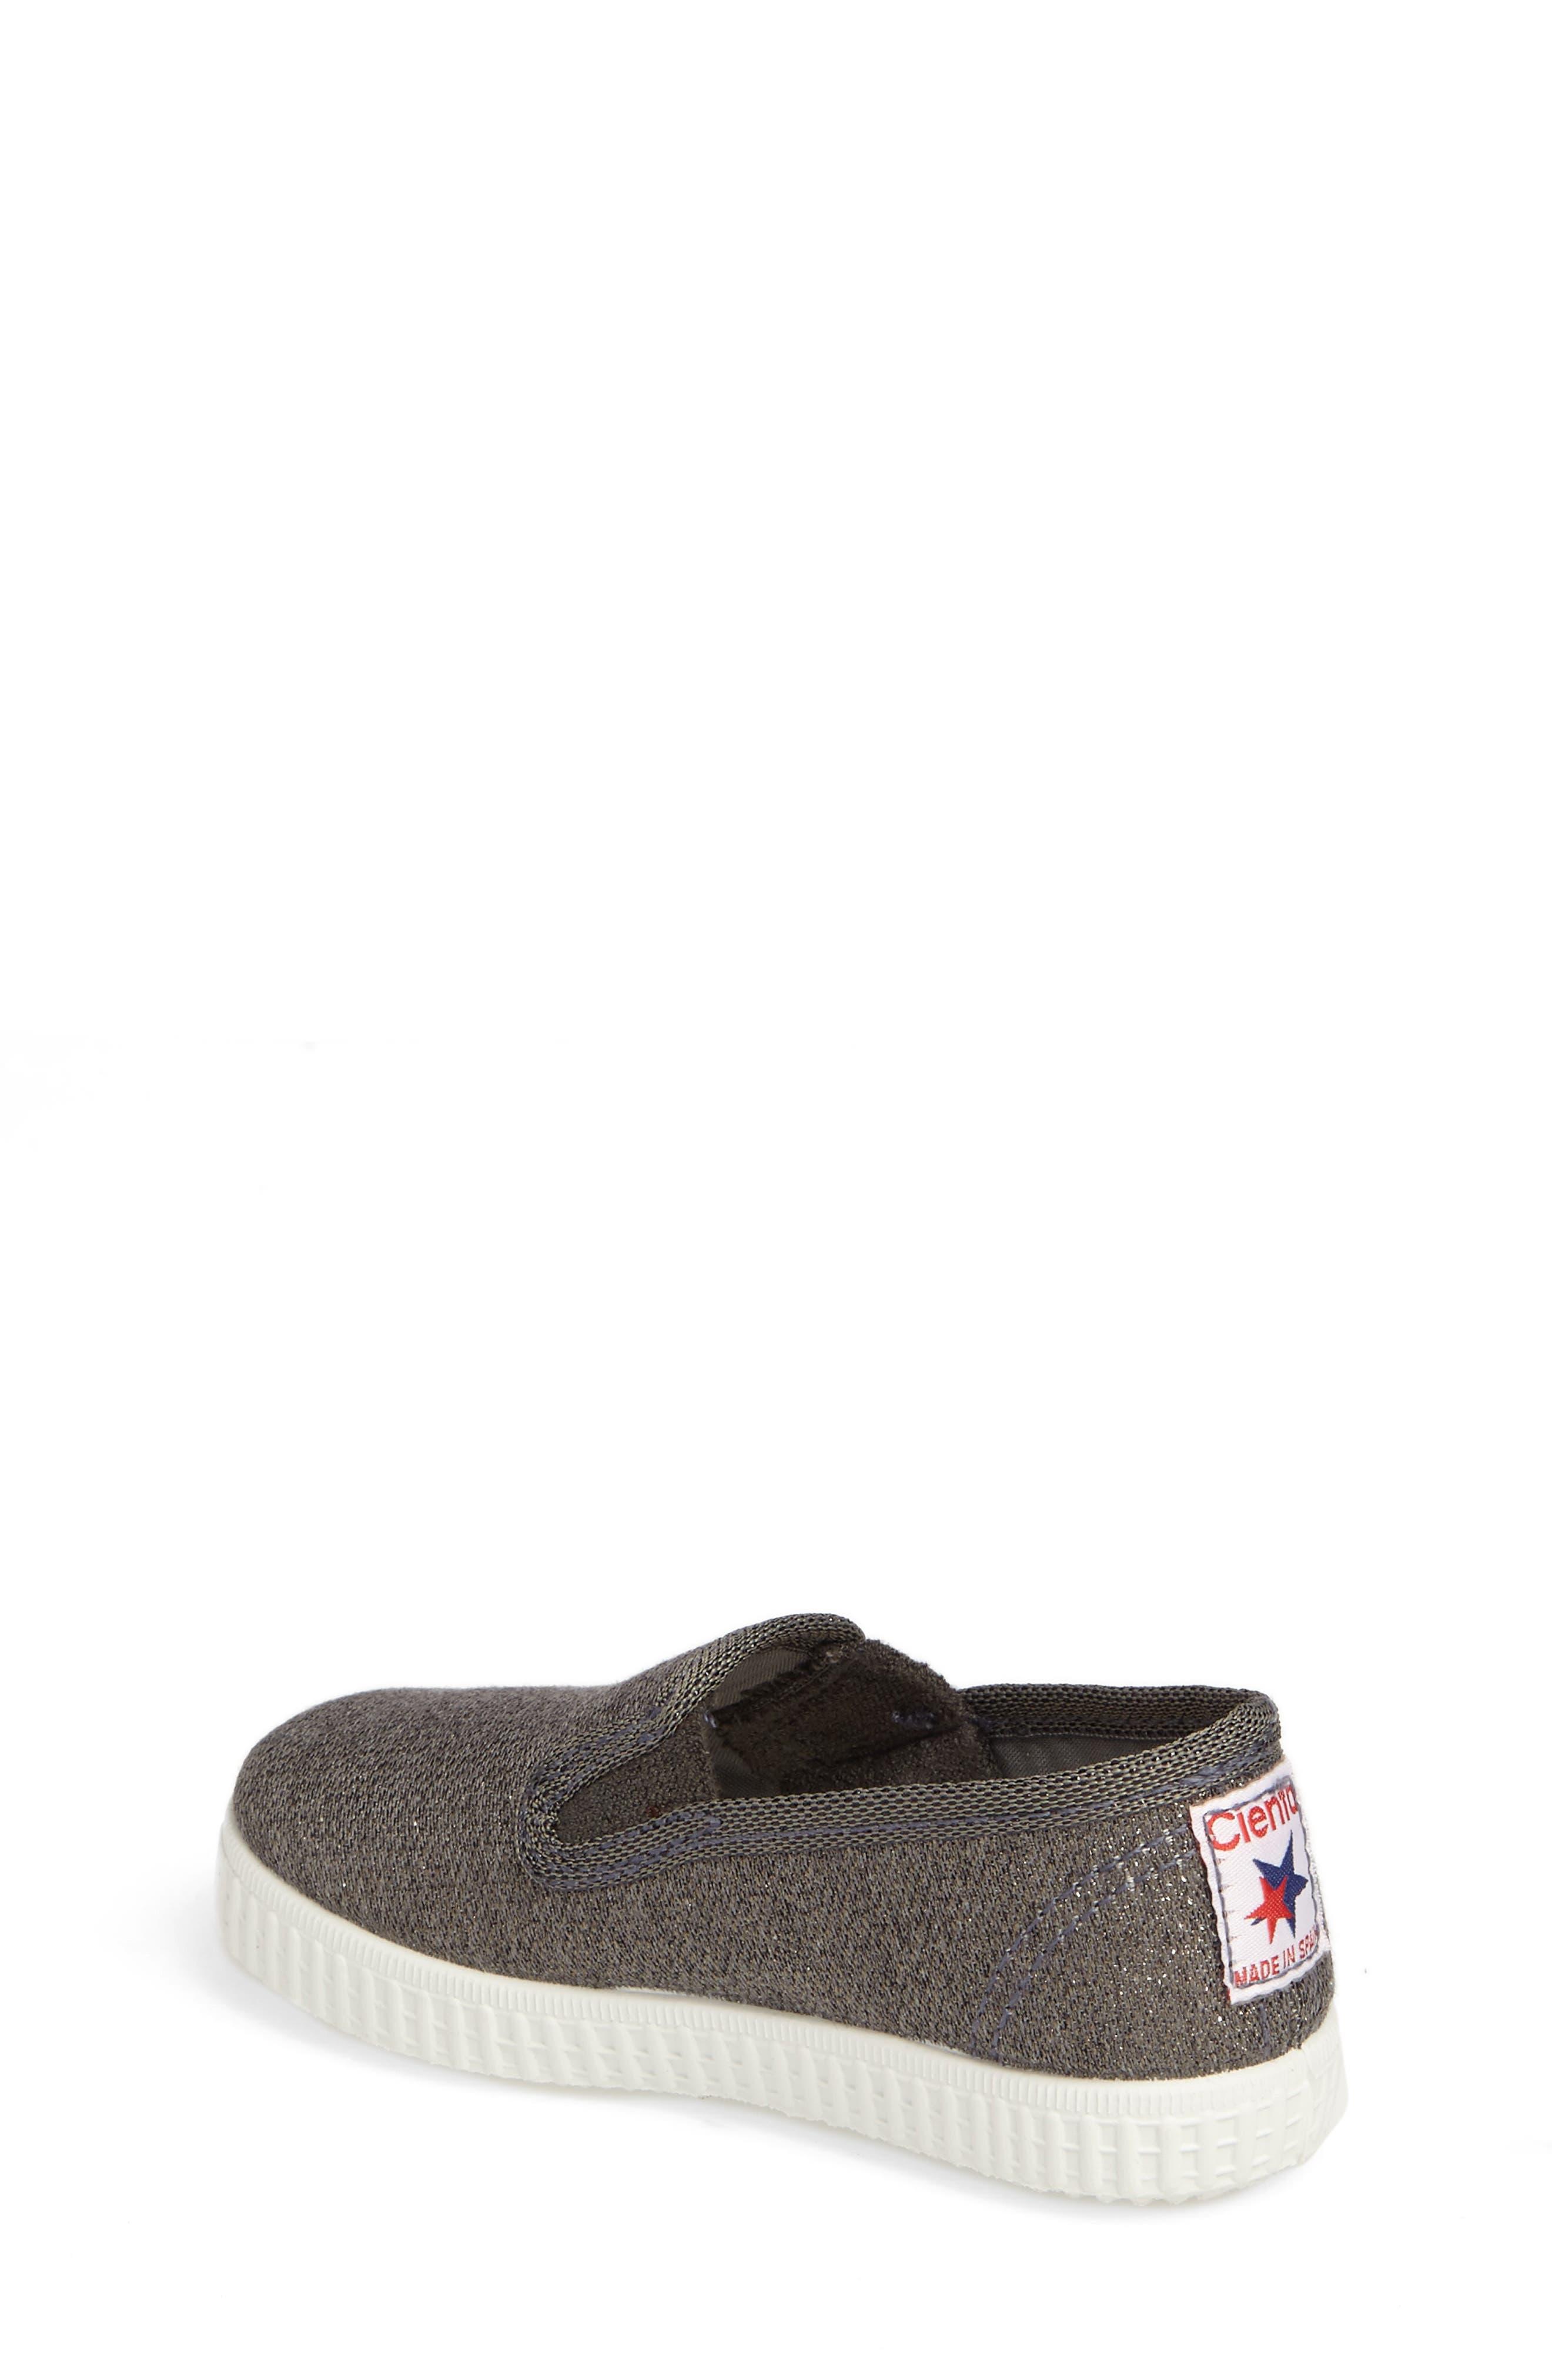 Alternate Image 2  - Cienta Glitter Slip-On Sneaker (Baby, Walker, Toddler and Little Kid)